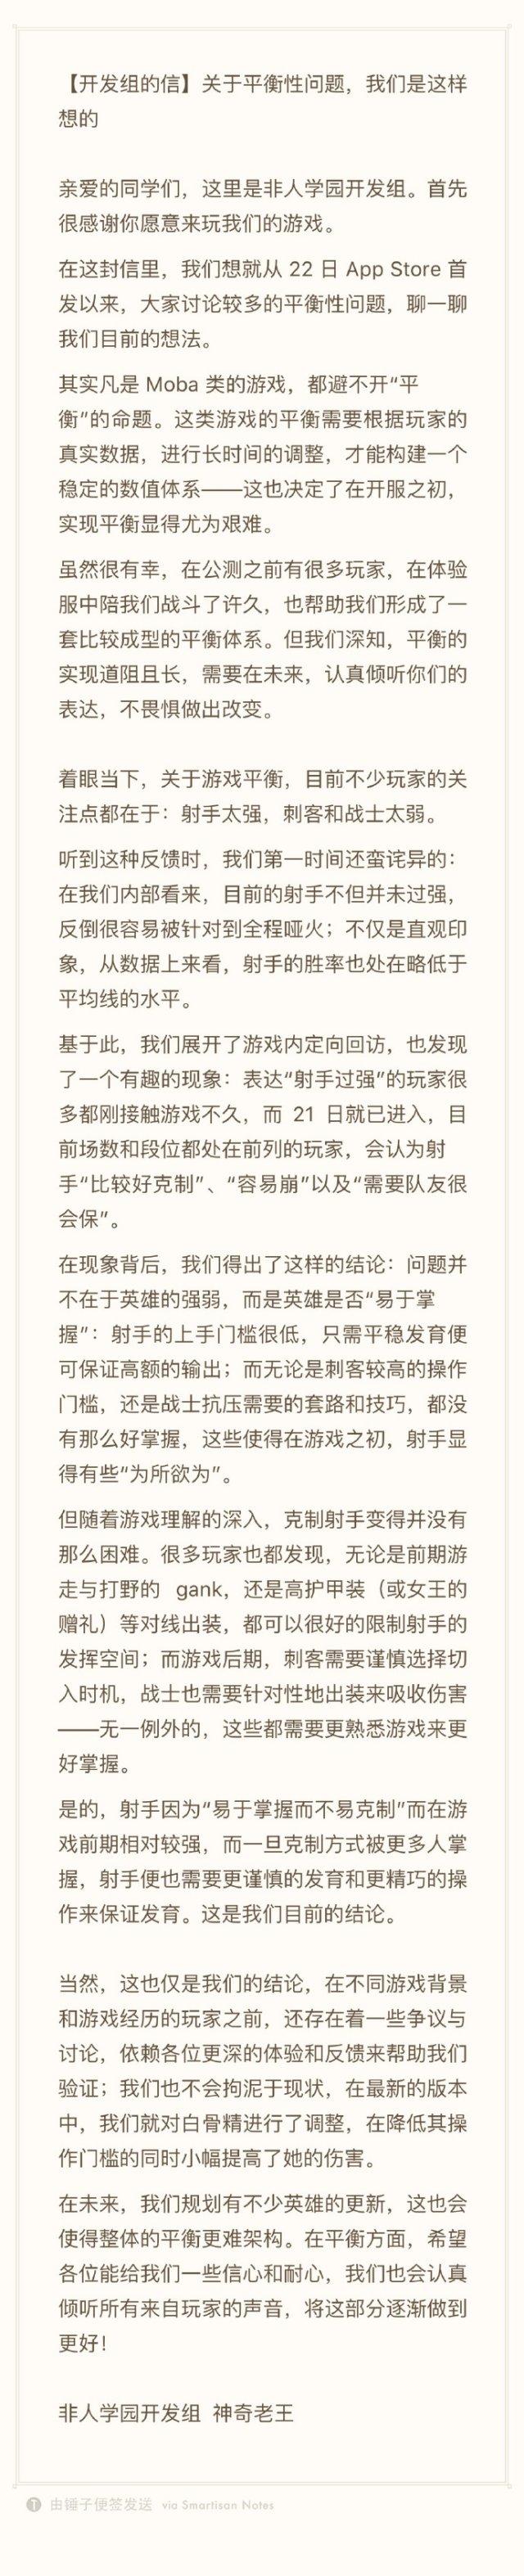 http://www.youxixj.com/baguazixun/368991.html